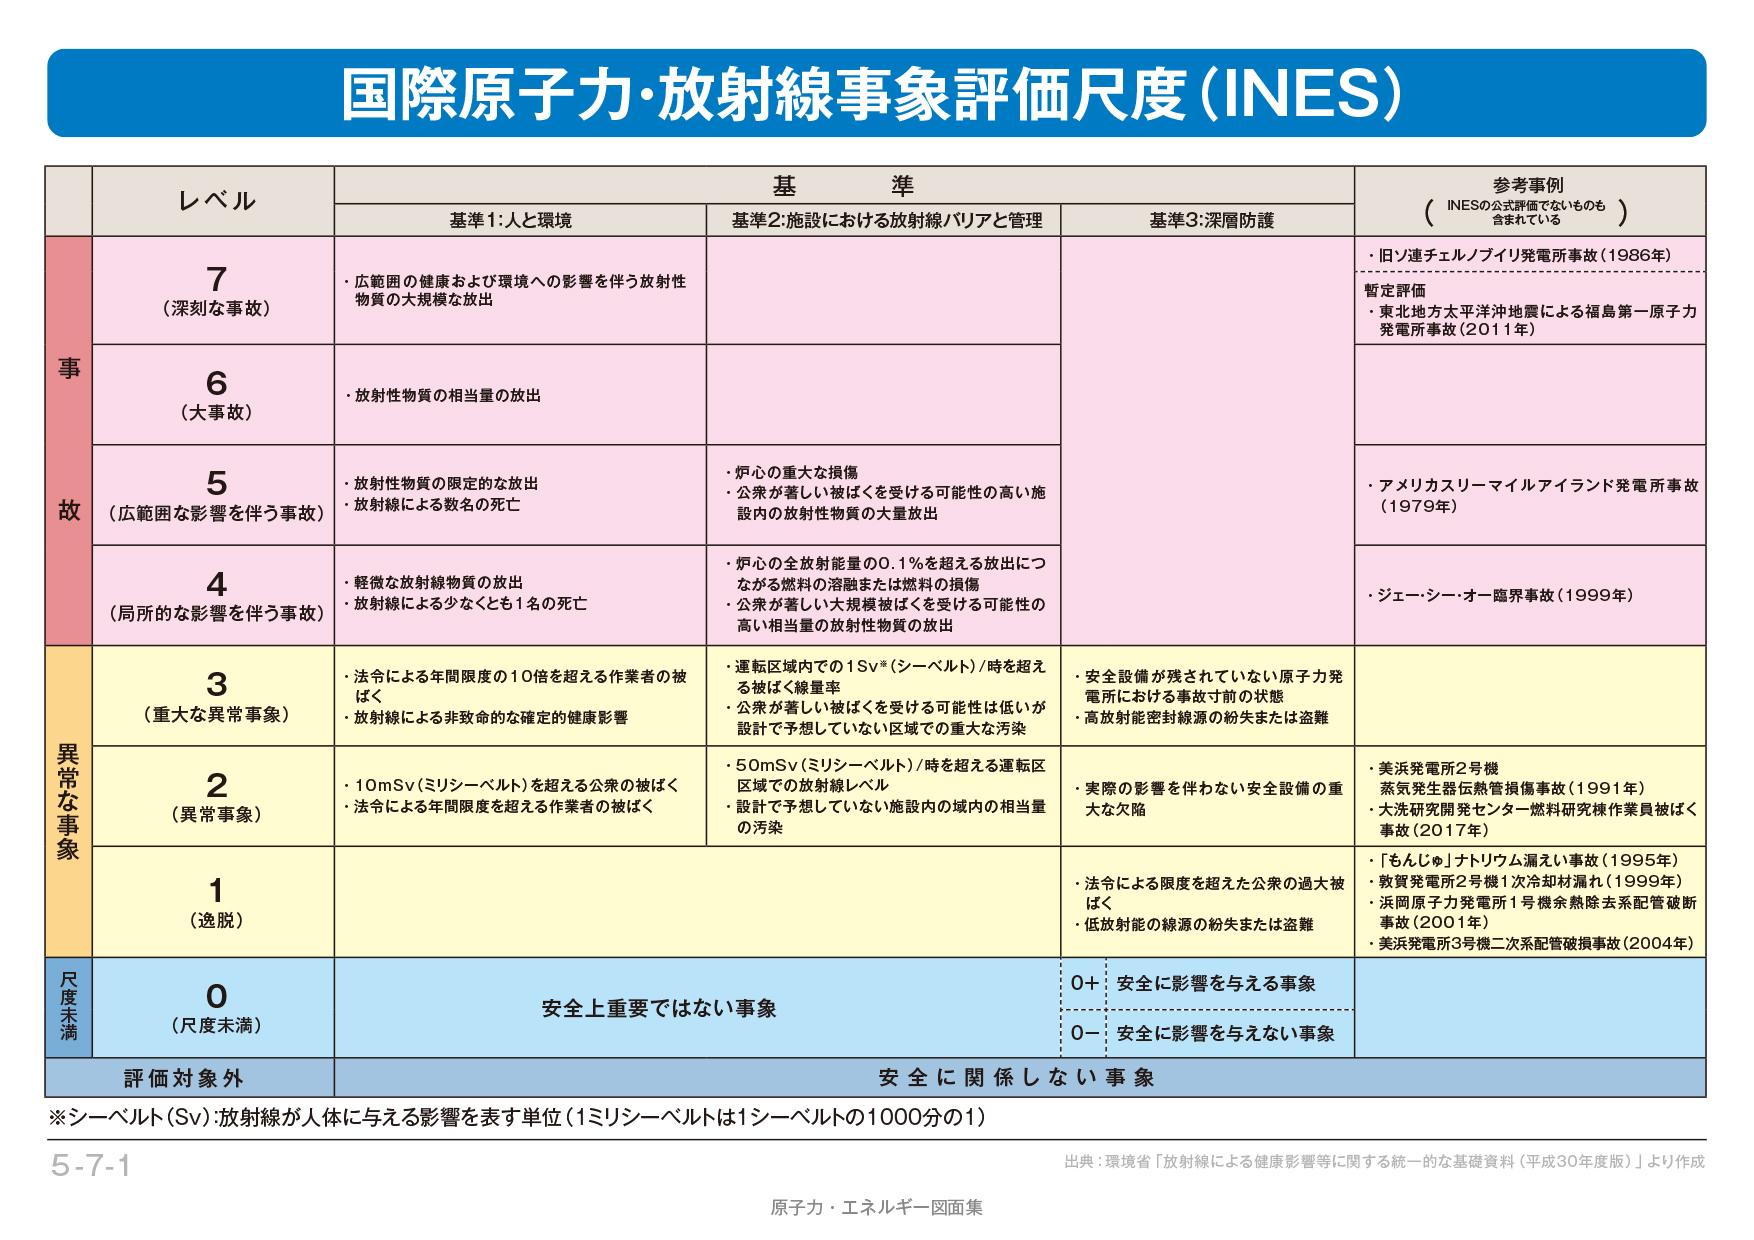 5-7-1】国際原子力・放射線事象...